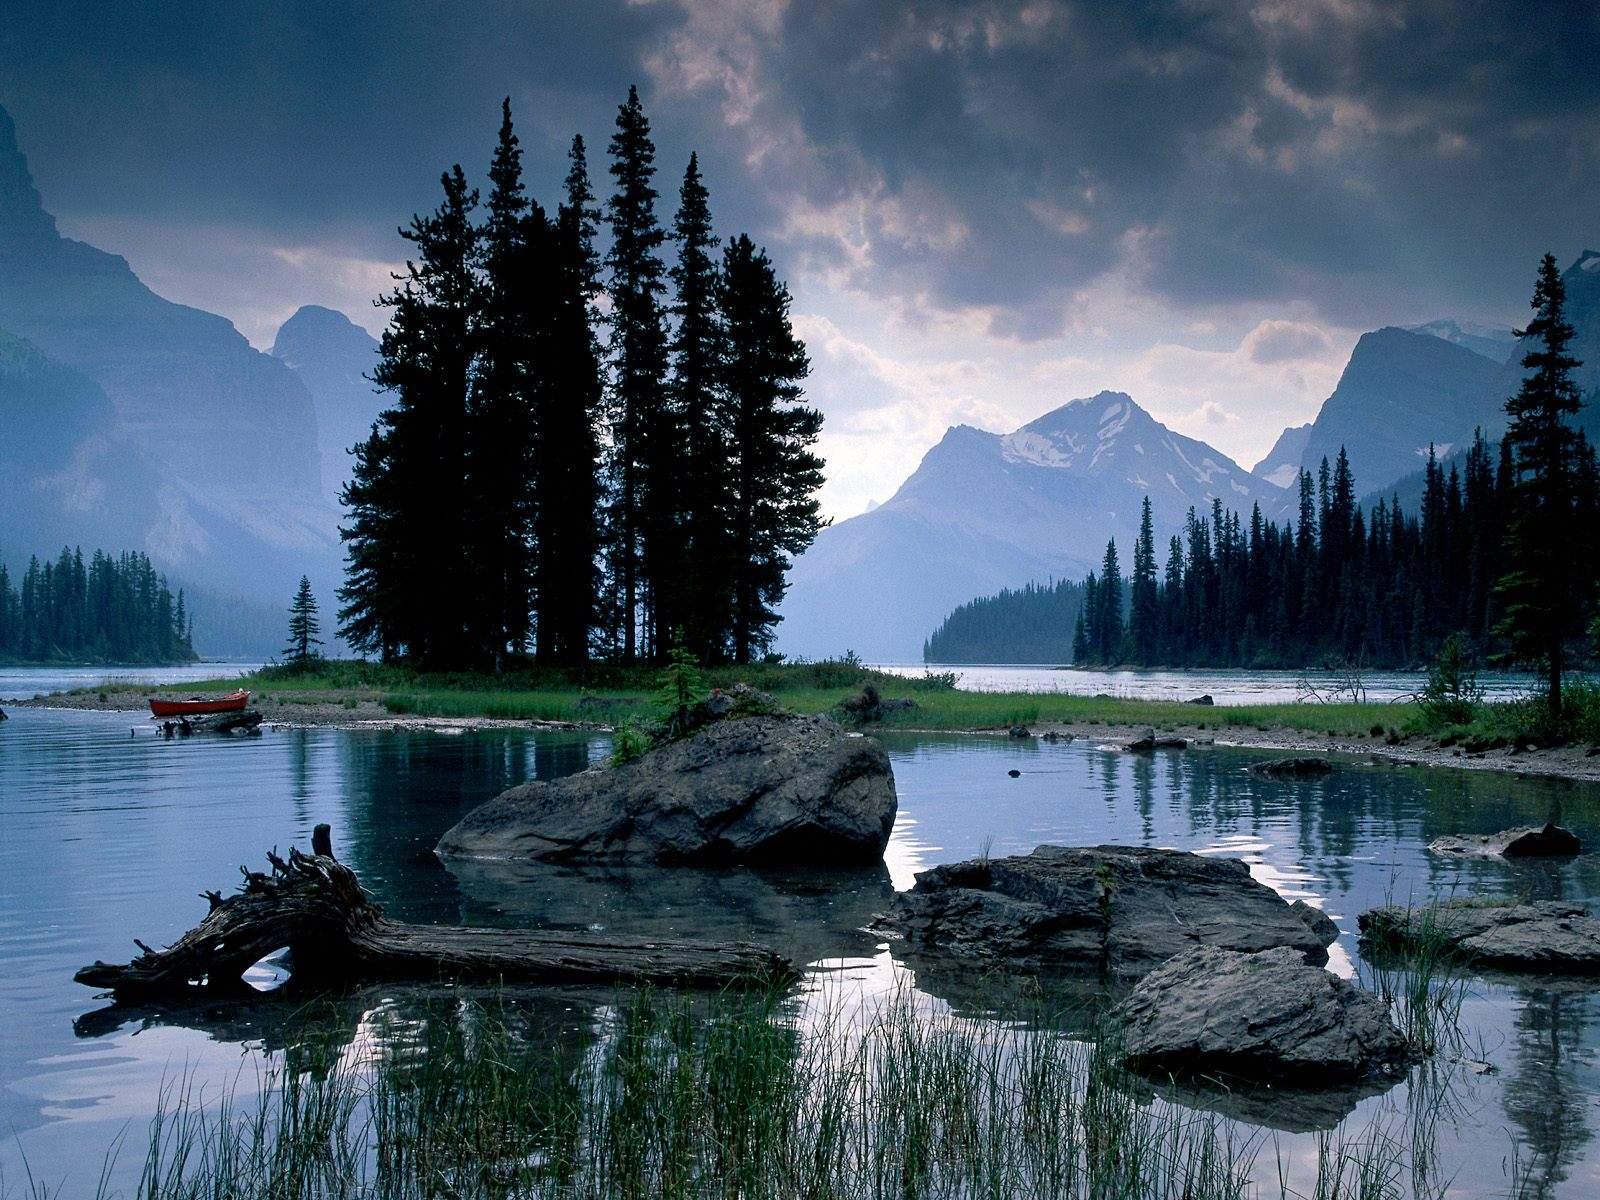 Beautiful River Wallpaper My Image